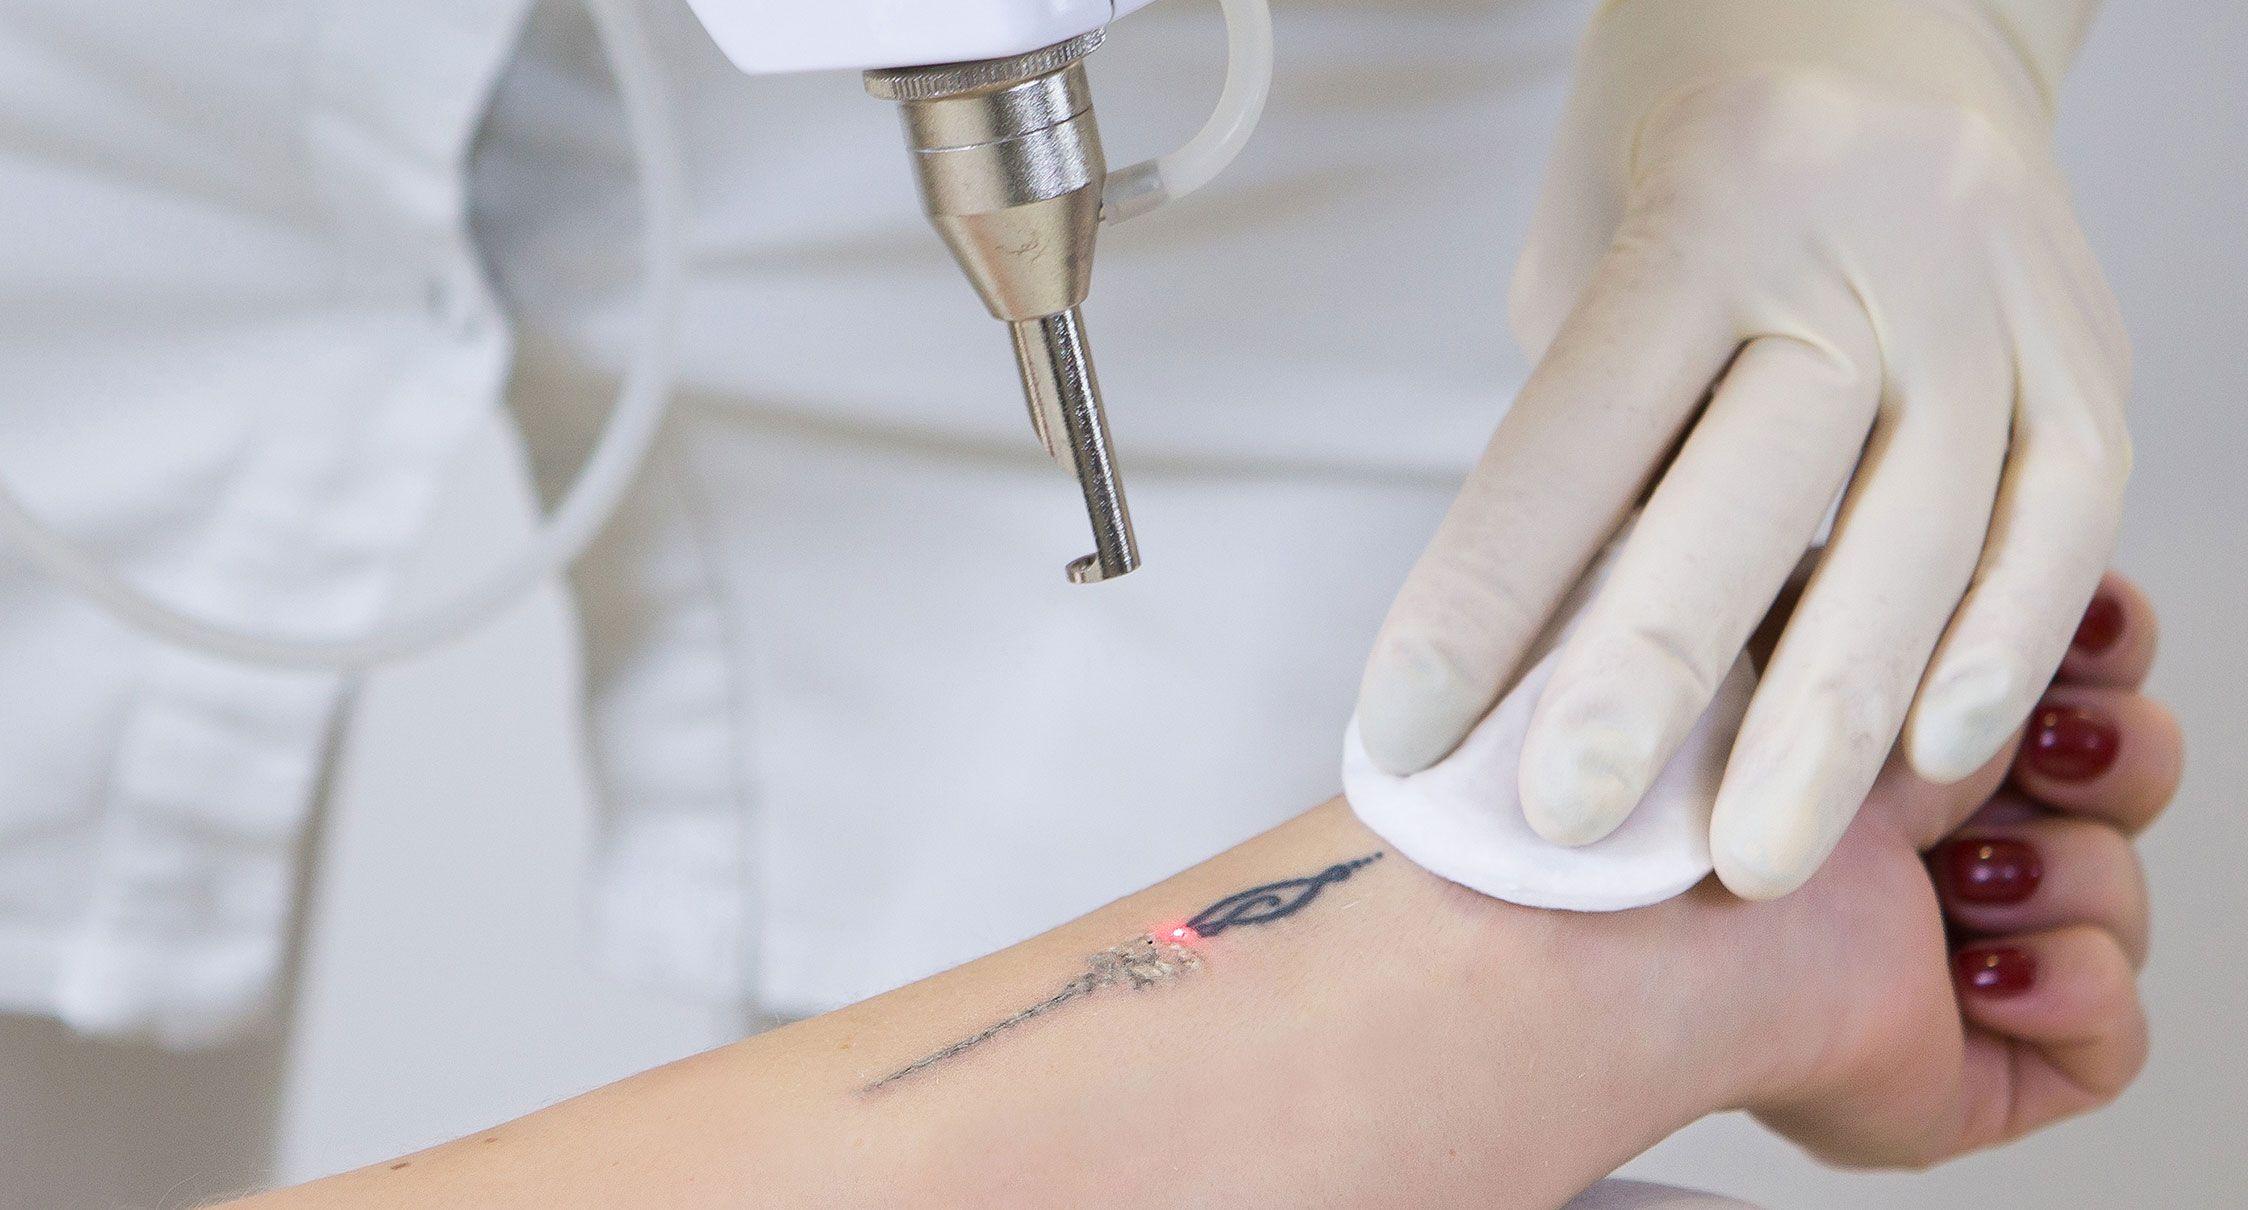 Détatouage - Indications et solutions | Skin Clinic - La Rochelle